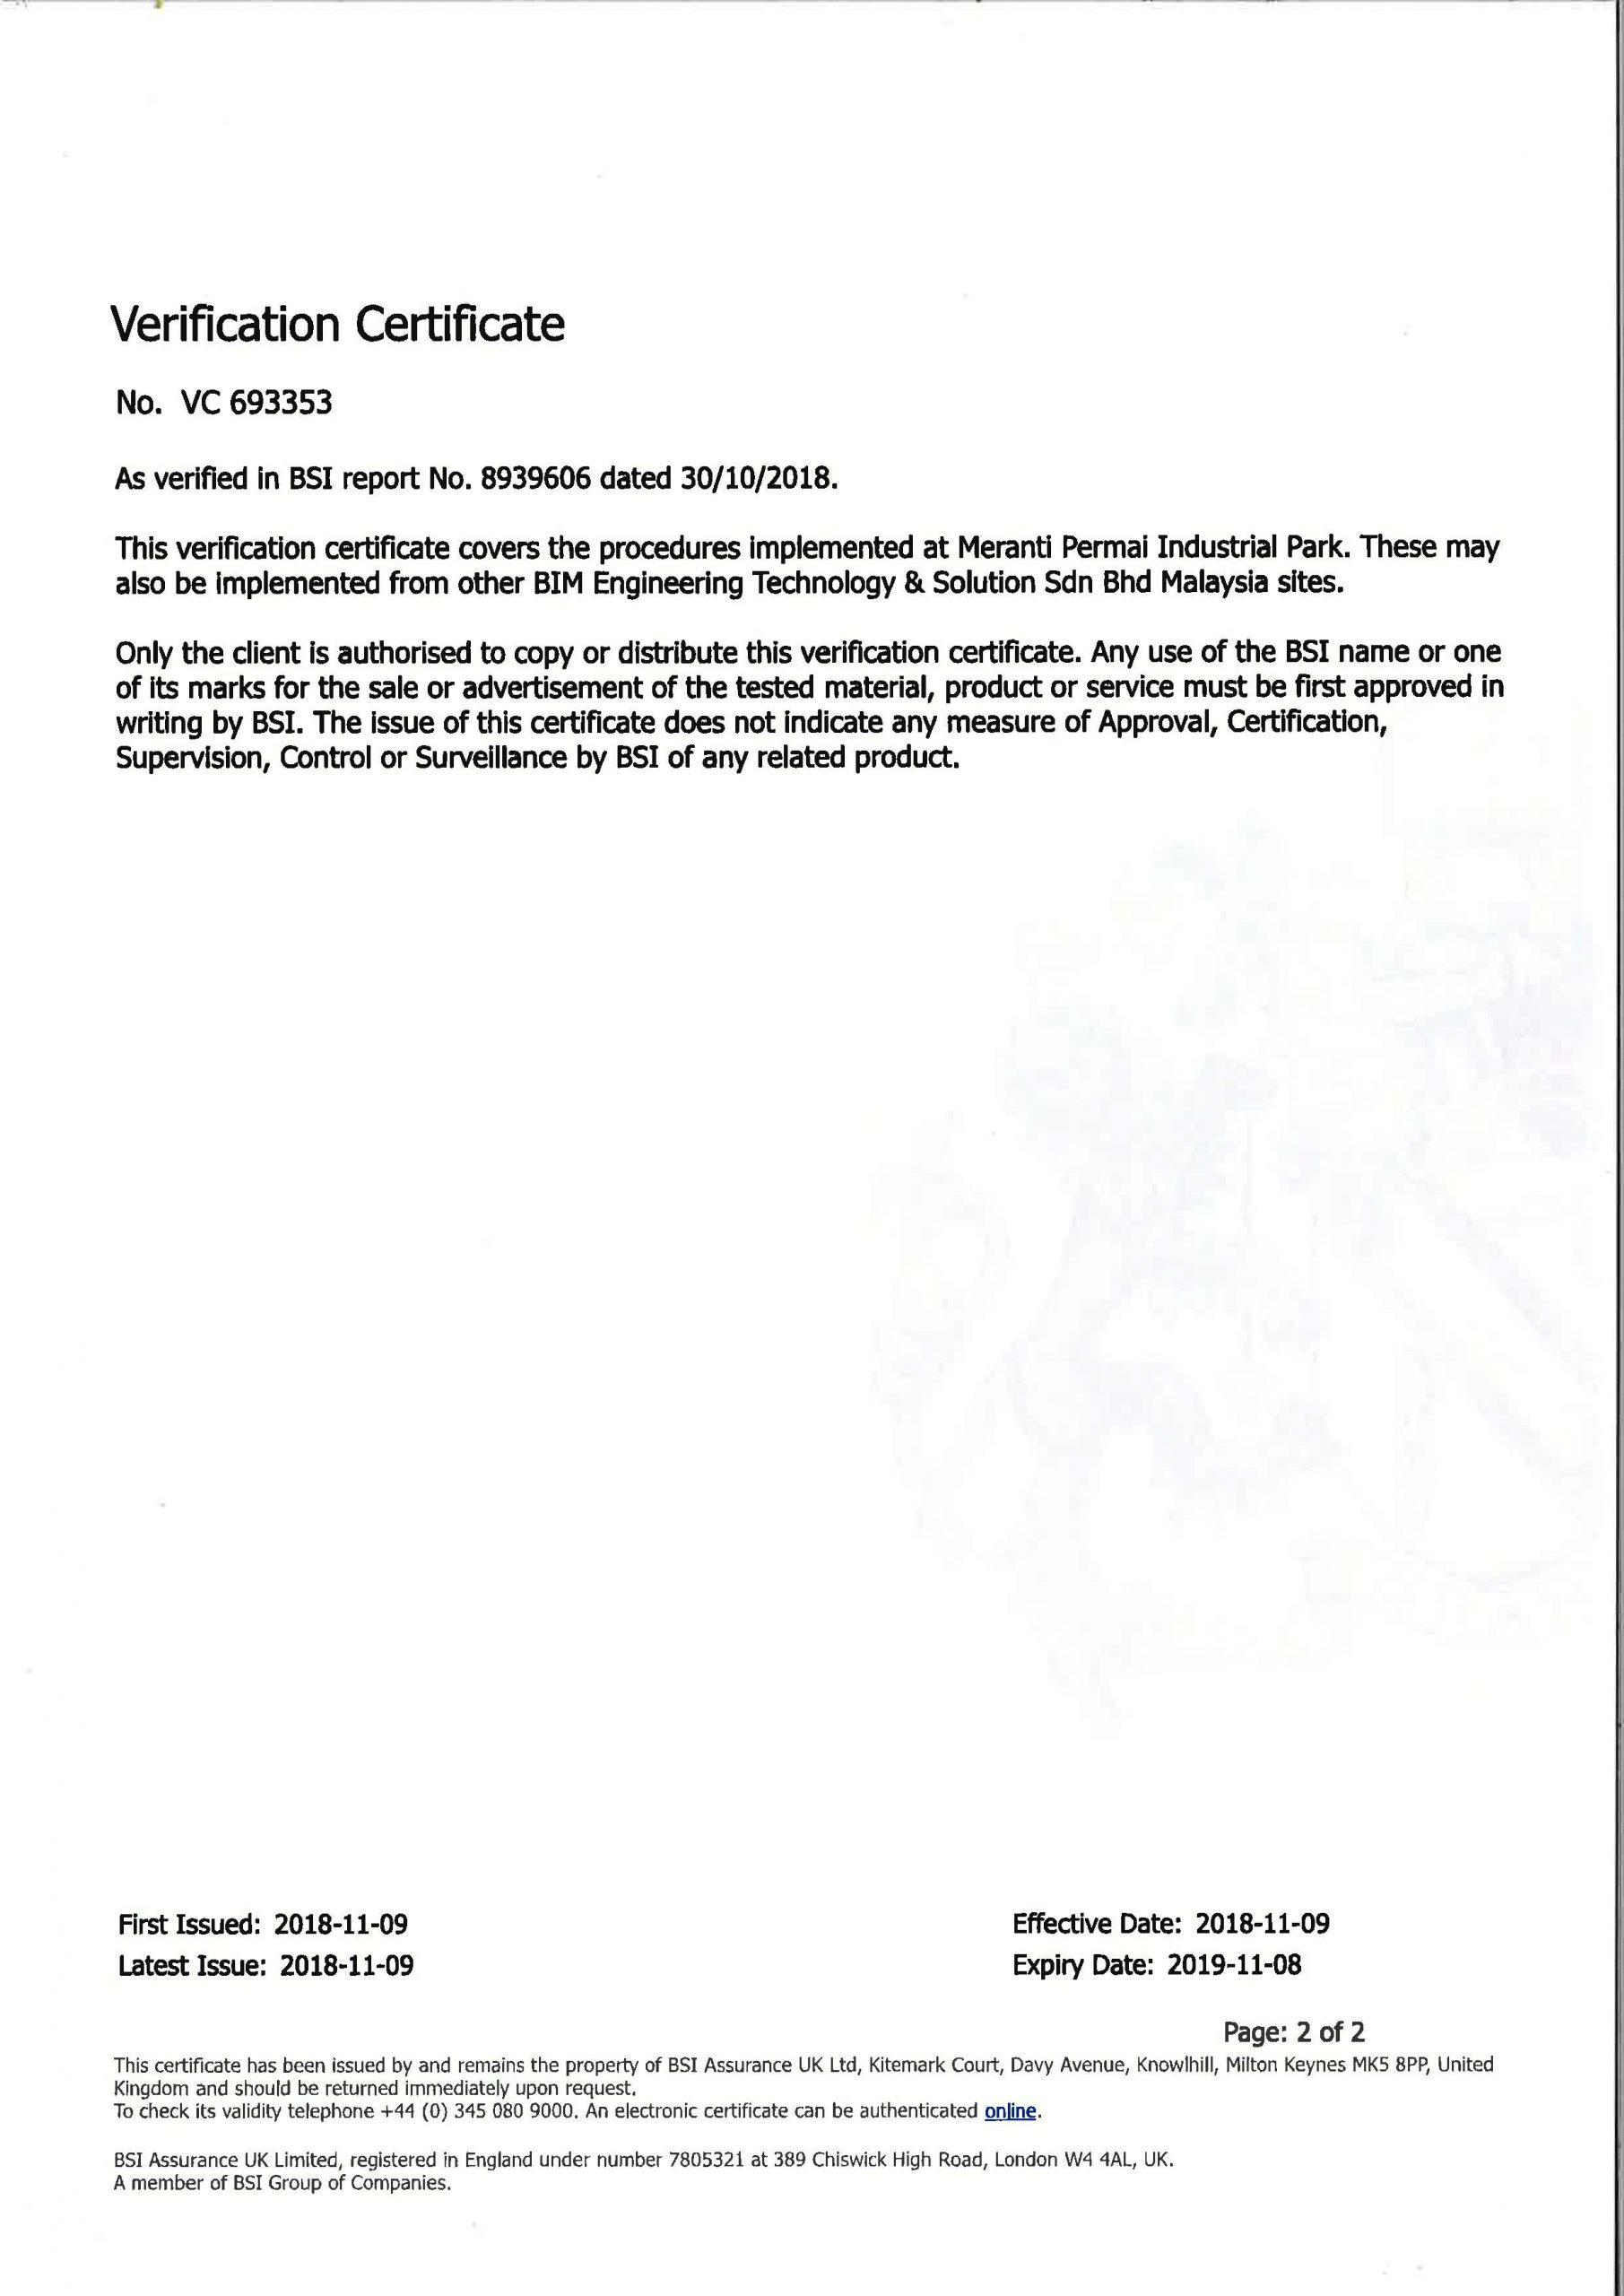 PAS 1192-2 2013 BSI VERIFICATION CERTIFICATE_Page_2